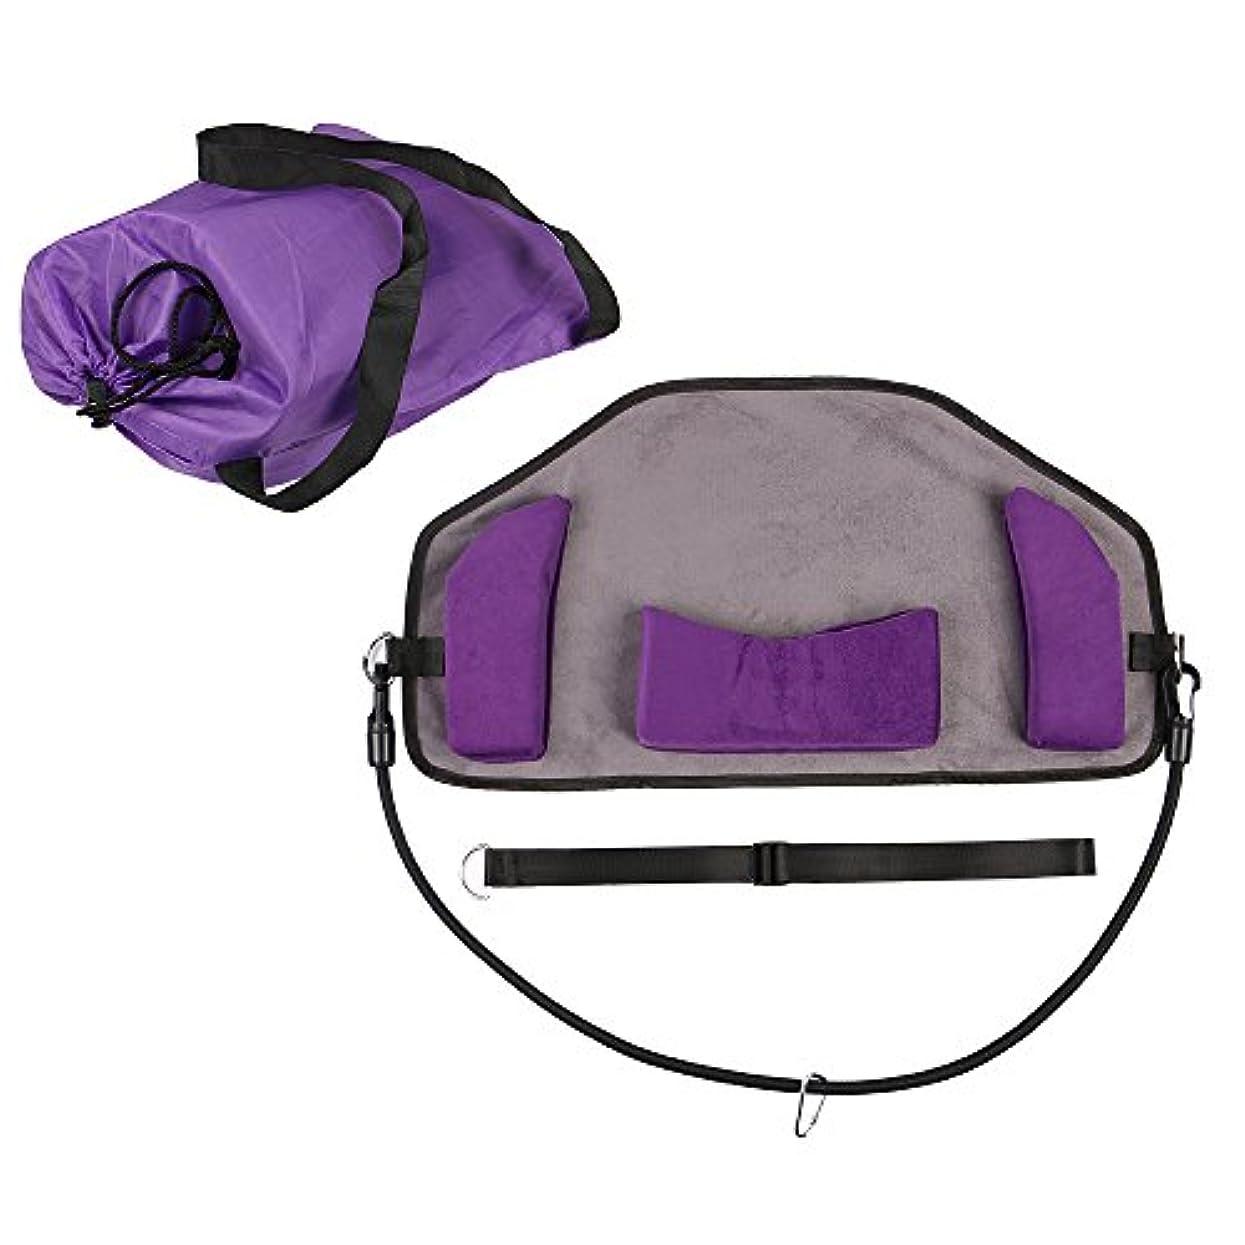 サドル励起報酬ネックハンモックネックペイントリリーフのためのより良いハンモックポータブルと調節可能なネックストレッチャーあなたの疲れを速やかに解消 (紫の)